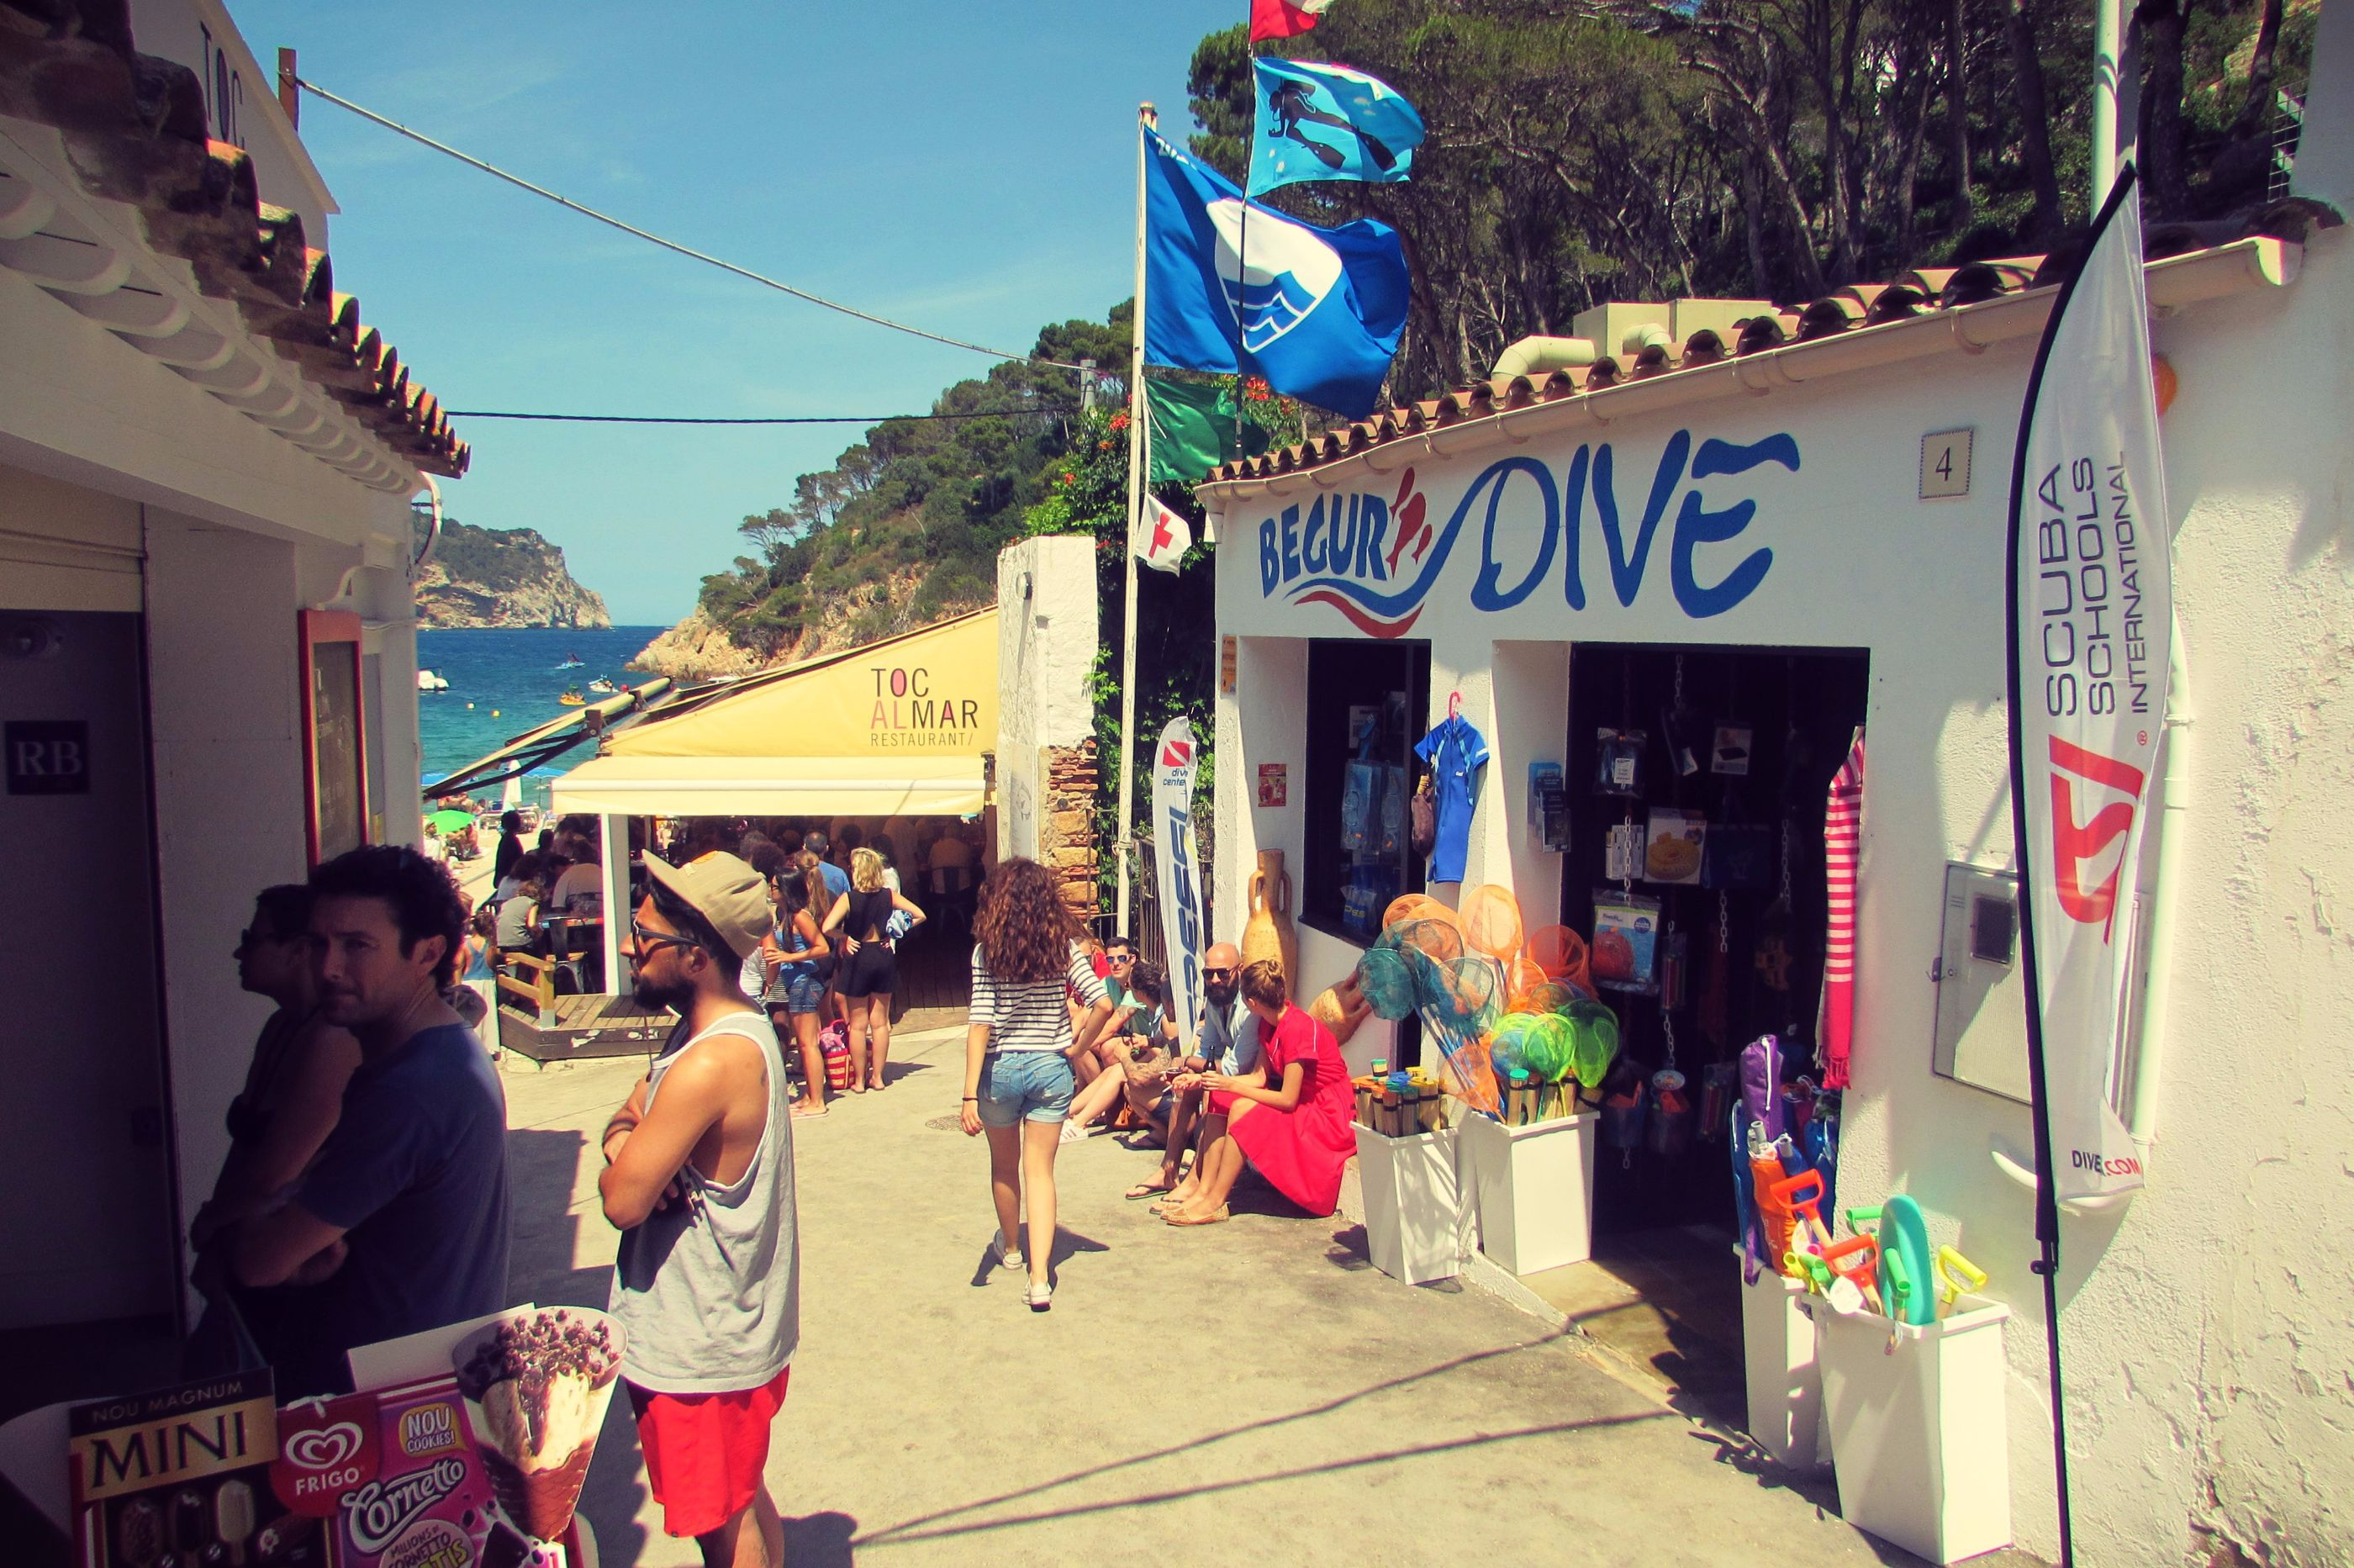 Begur Diving, Aiguablava, Costa Brava, Catalonia,